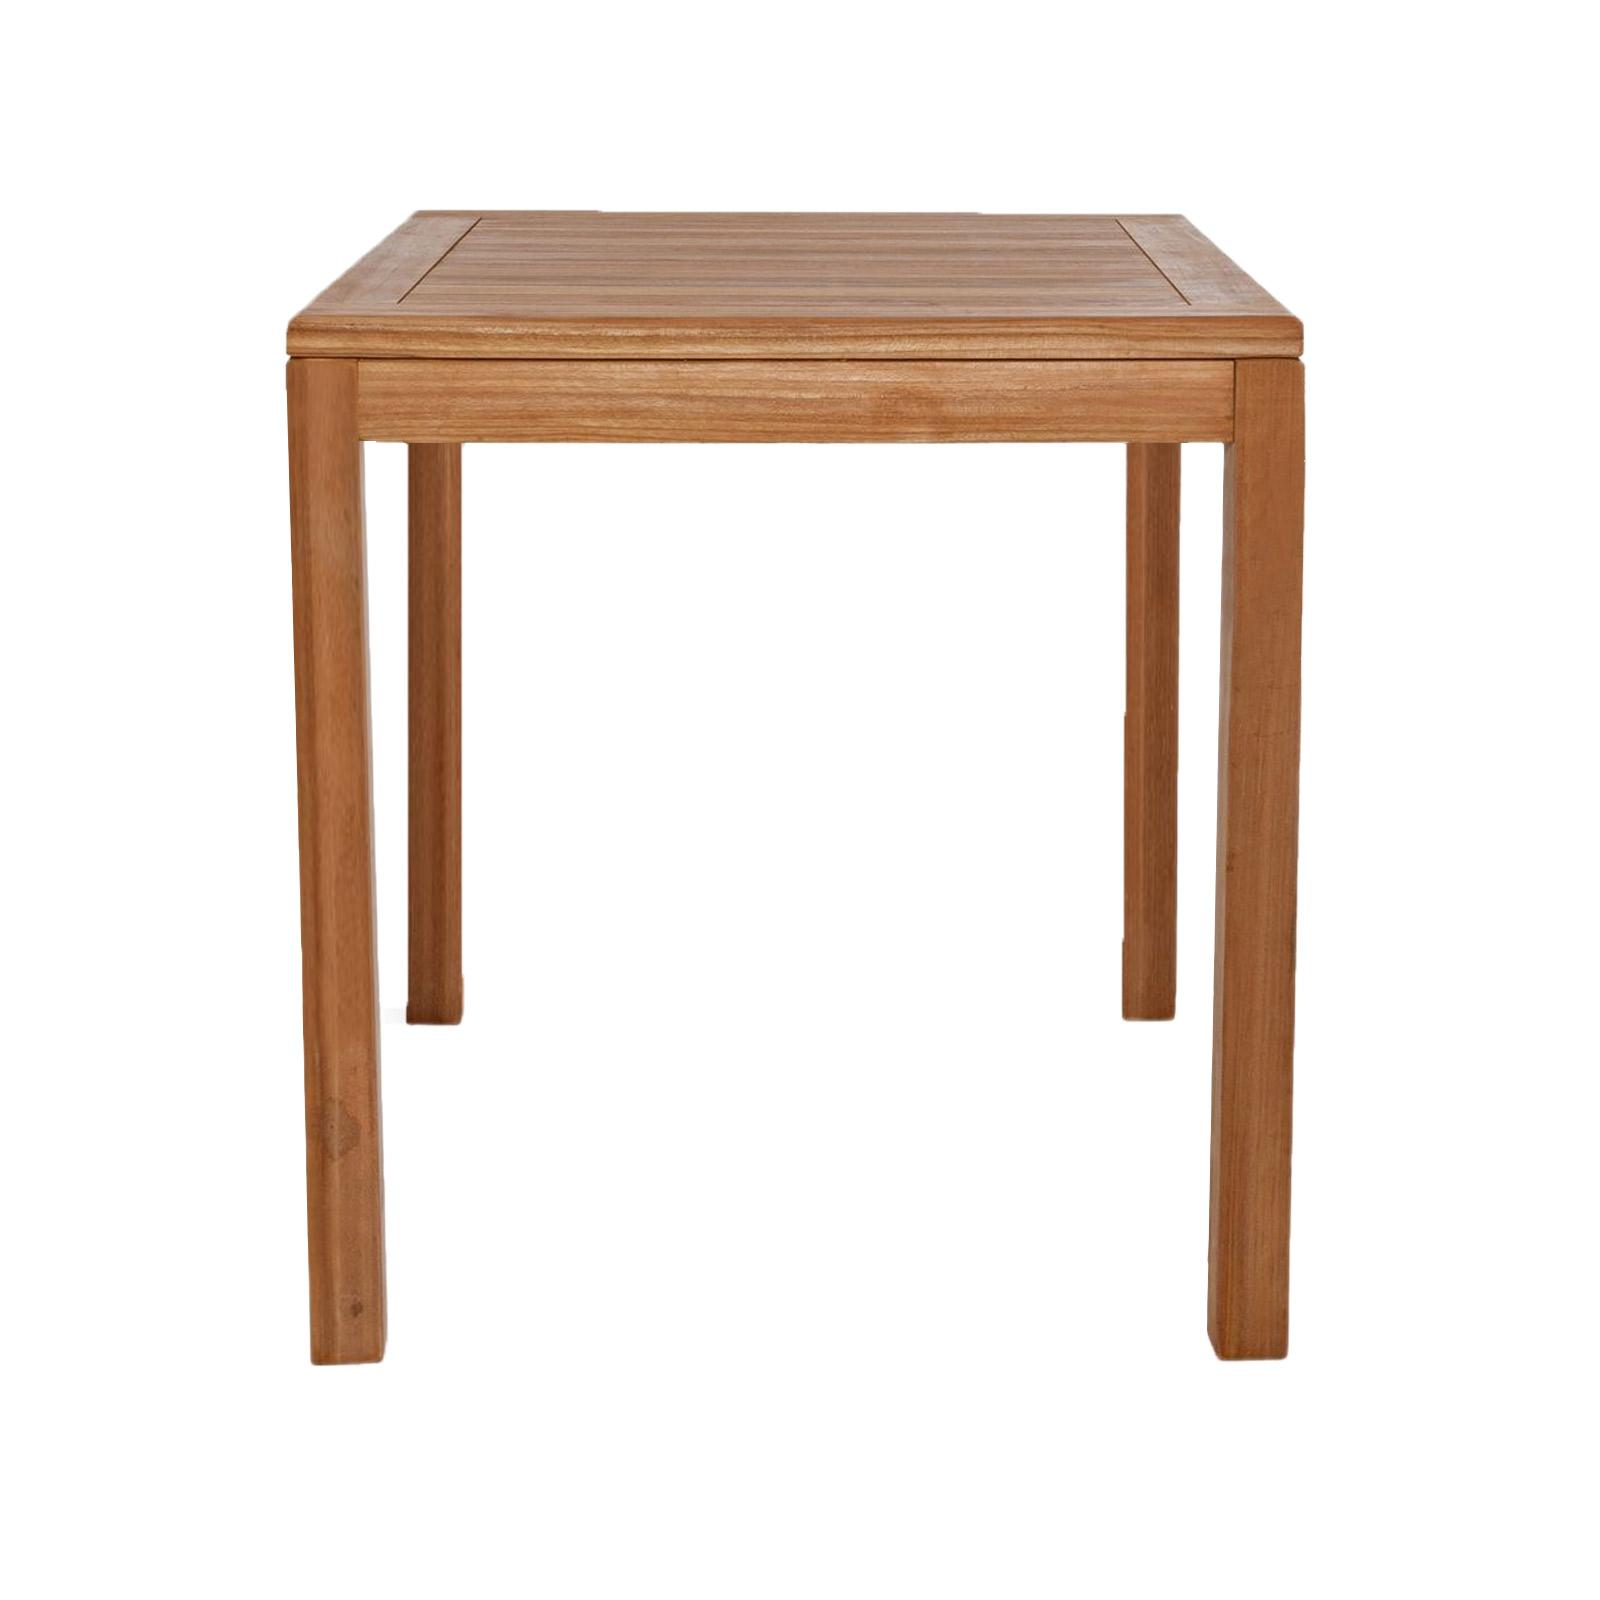 Tavolo quadrato in legno di teak da giardino 90x90 cm ...